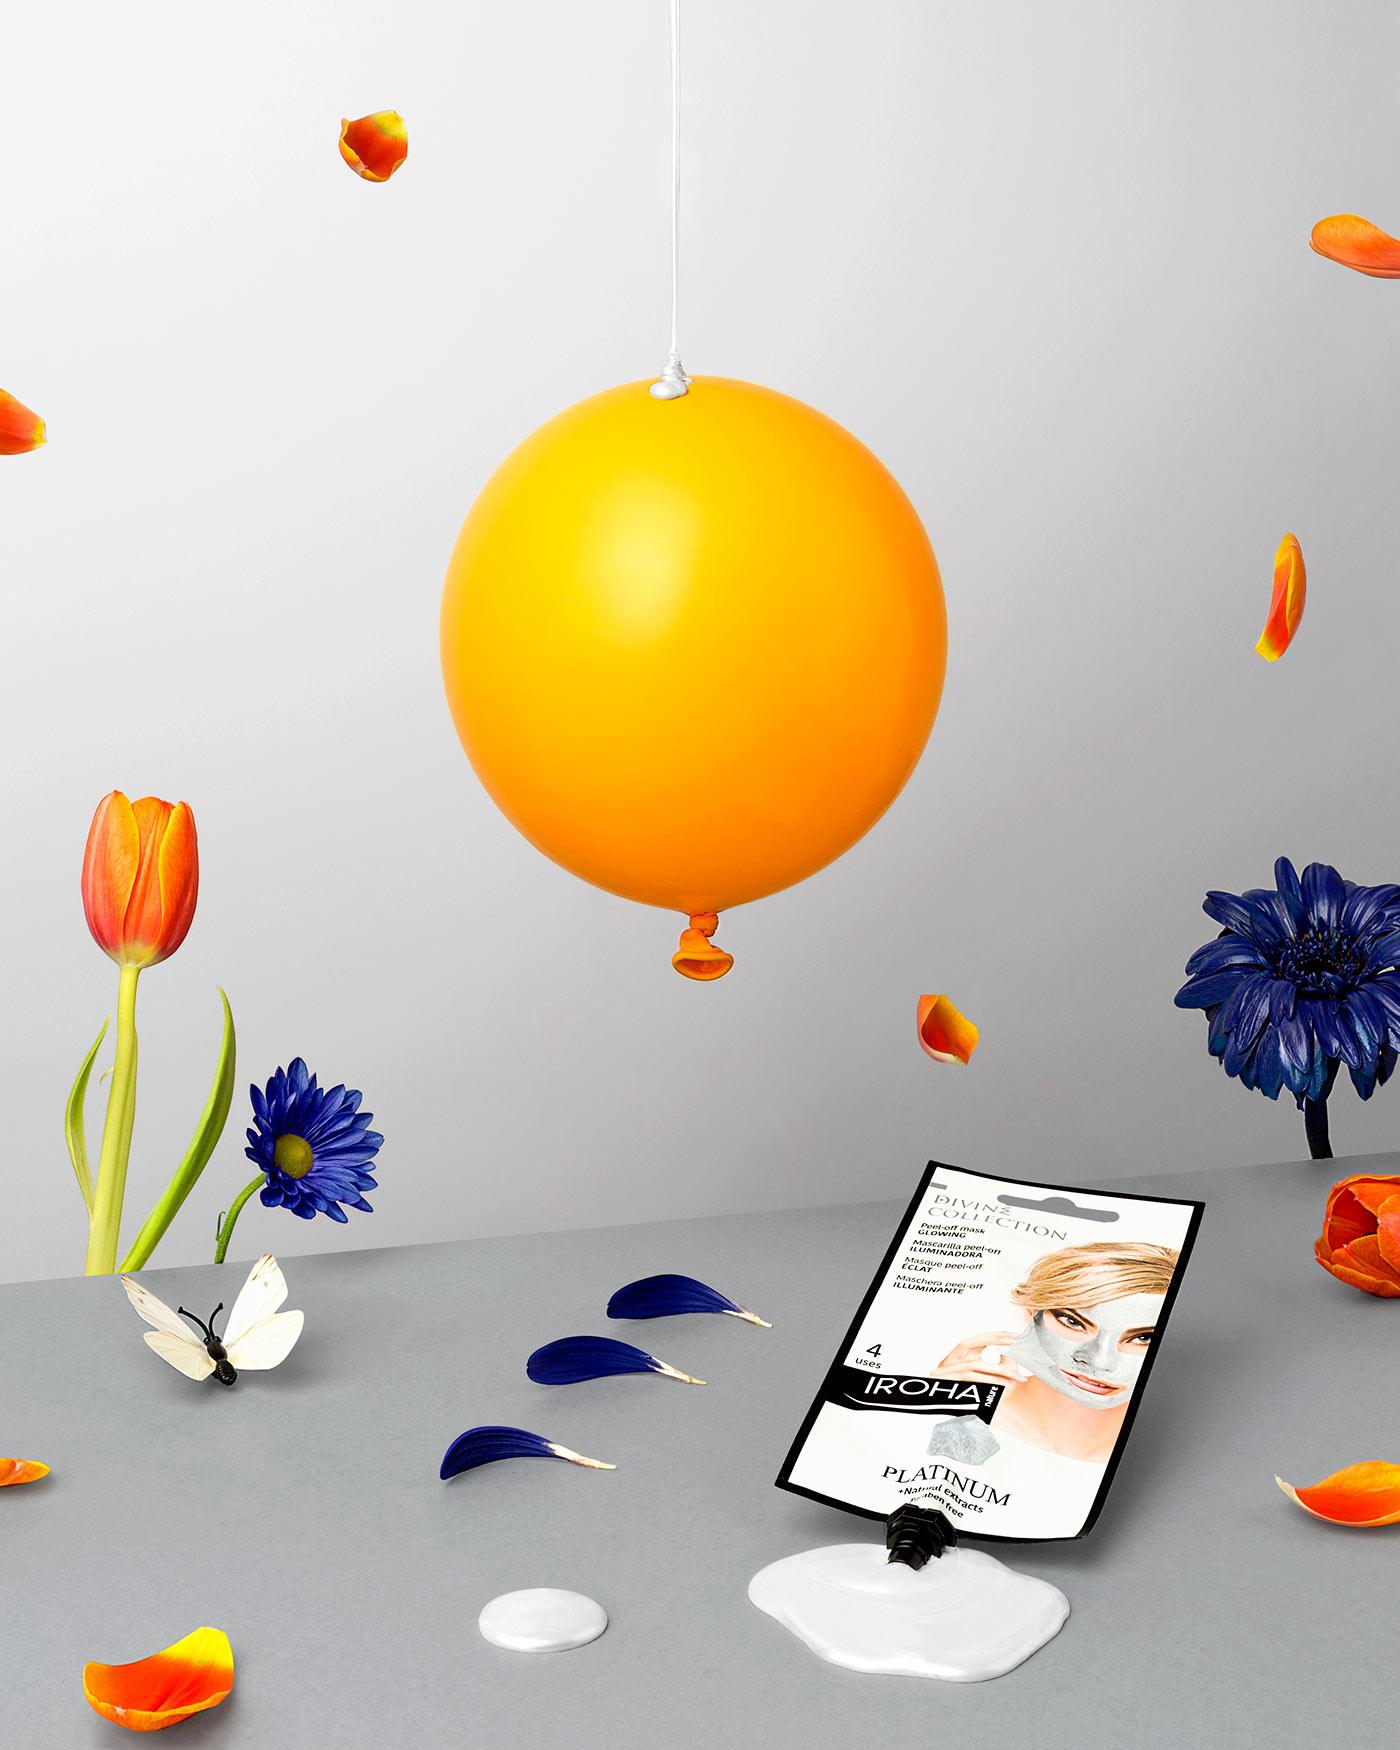 Funtastic Spring! - Fotografía para campaña publicitaria - Mascarilla Peel Off Platinum